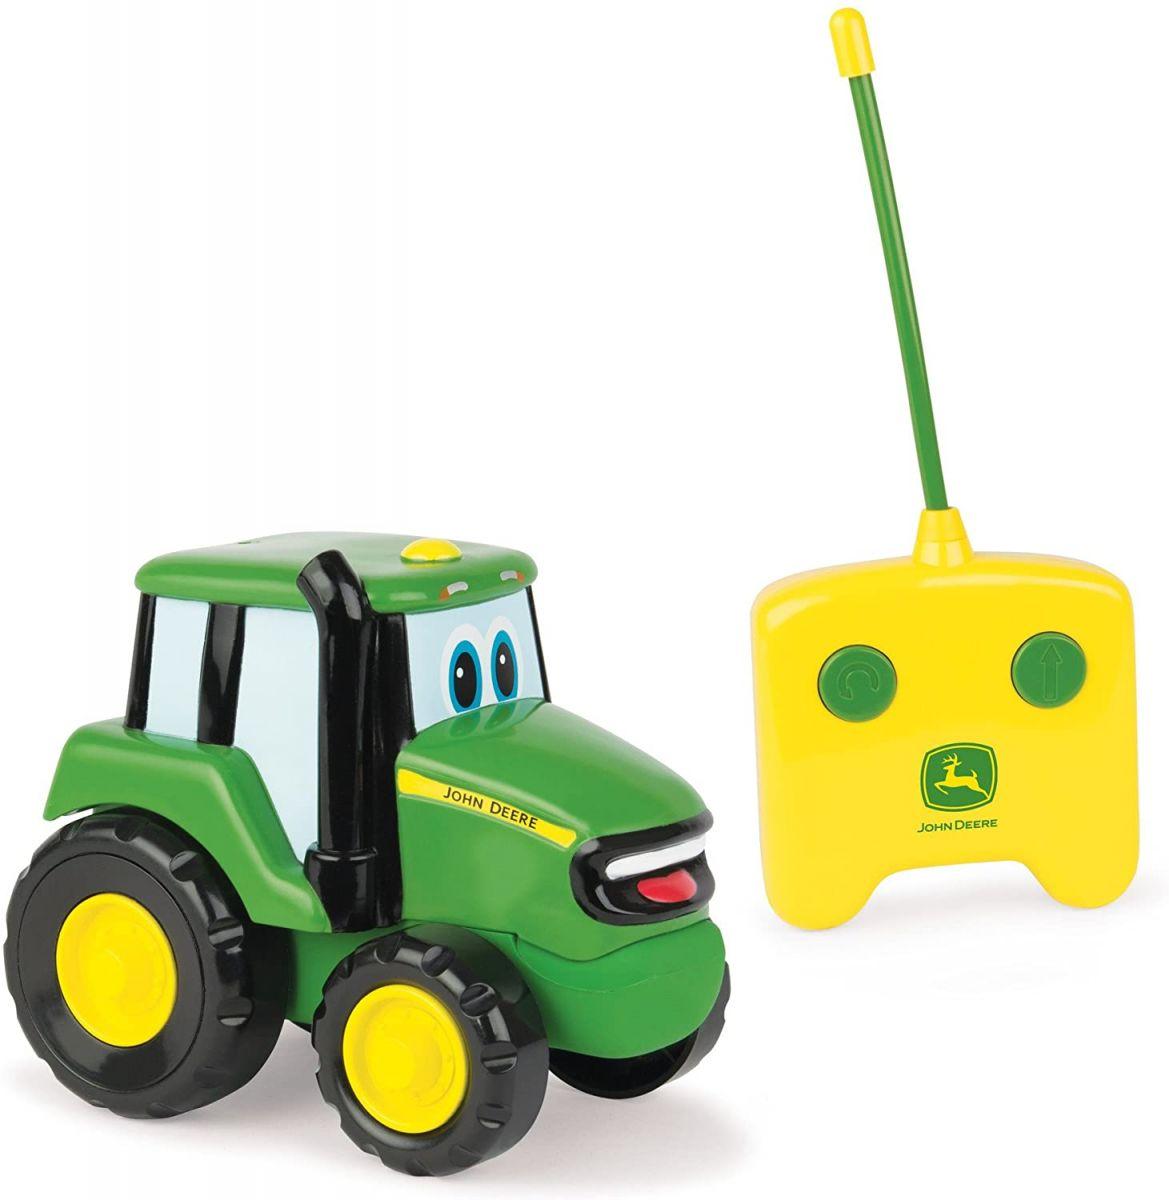 Zabawny traktor zdalnie sterowany dla dzieci John Deere